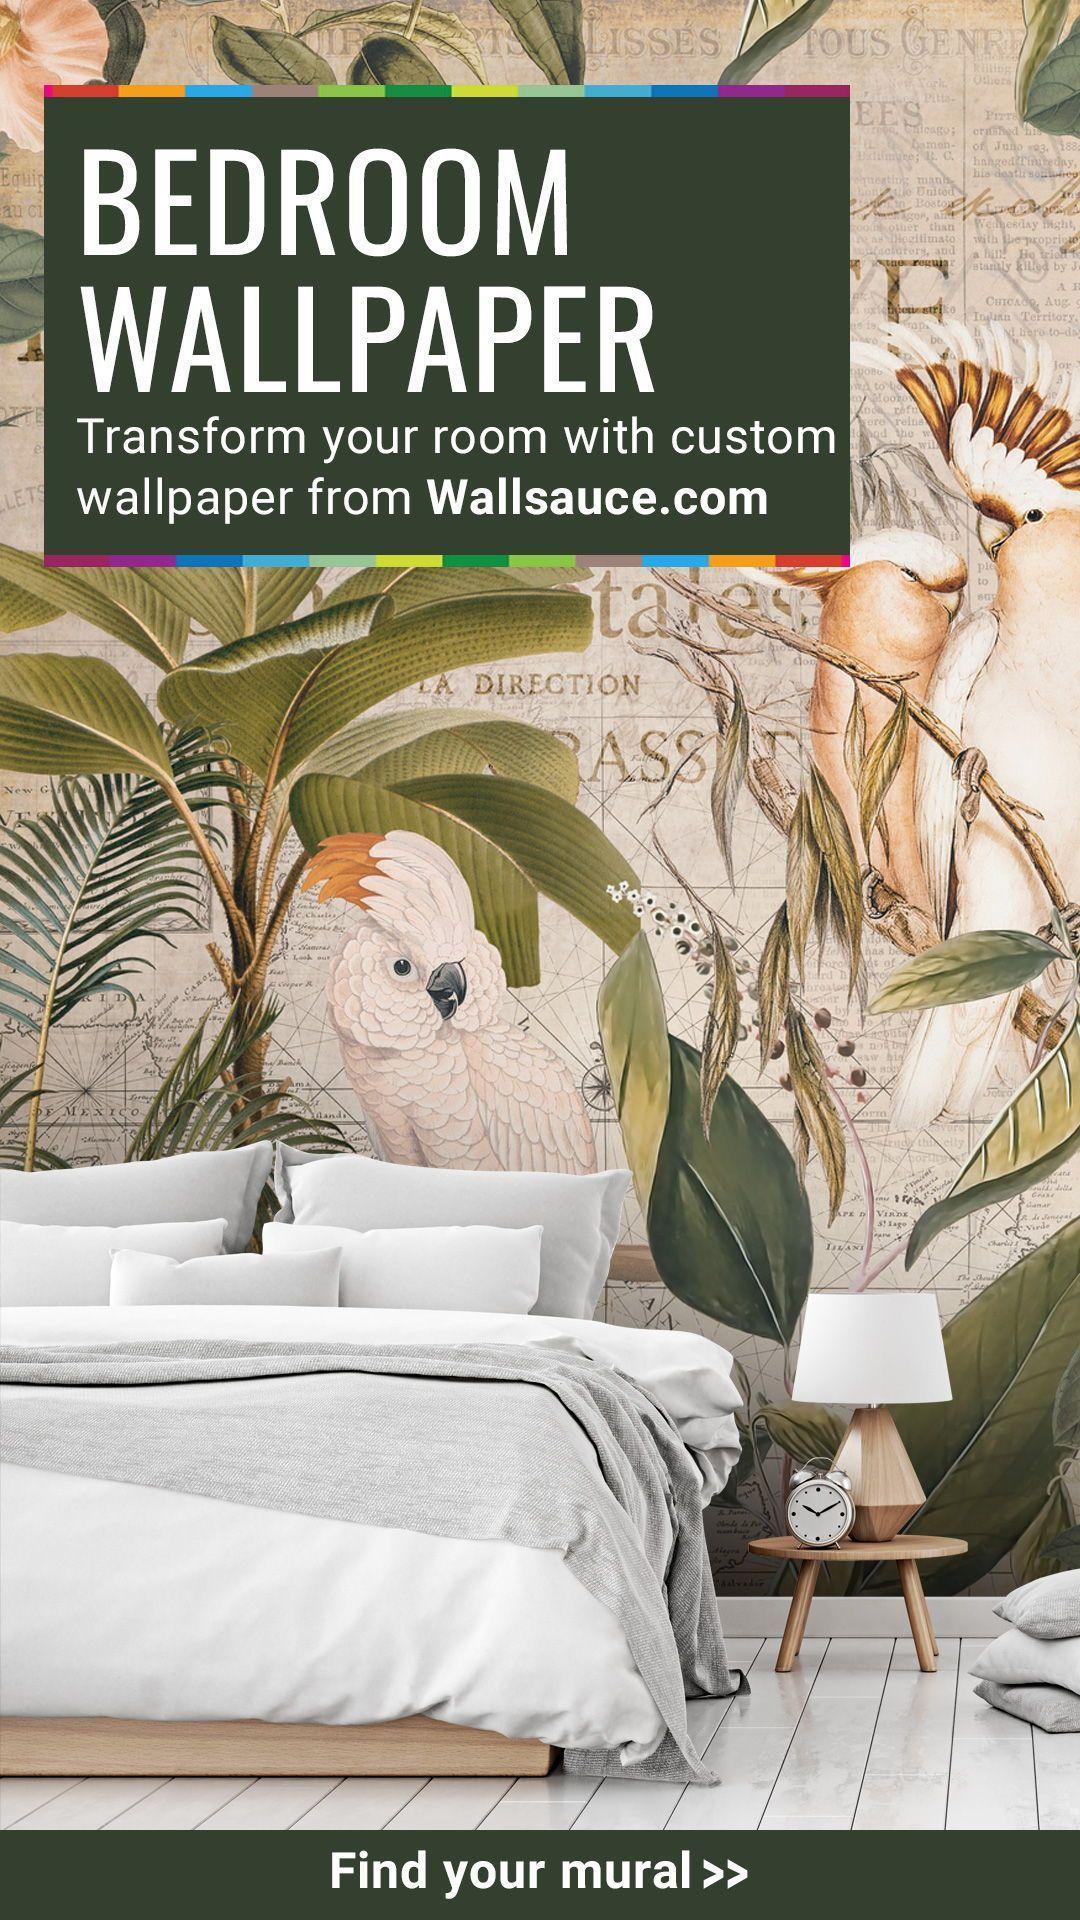 Home Interior Colors Home Interior Colors In 2020 Wallpaper Bedroom Bedroom Wallpaper Murals Mural Wallpaper